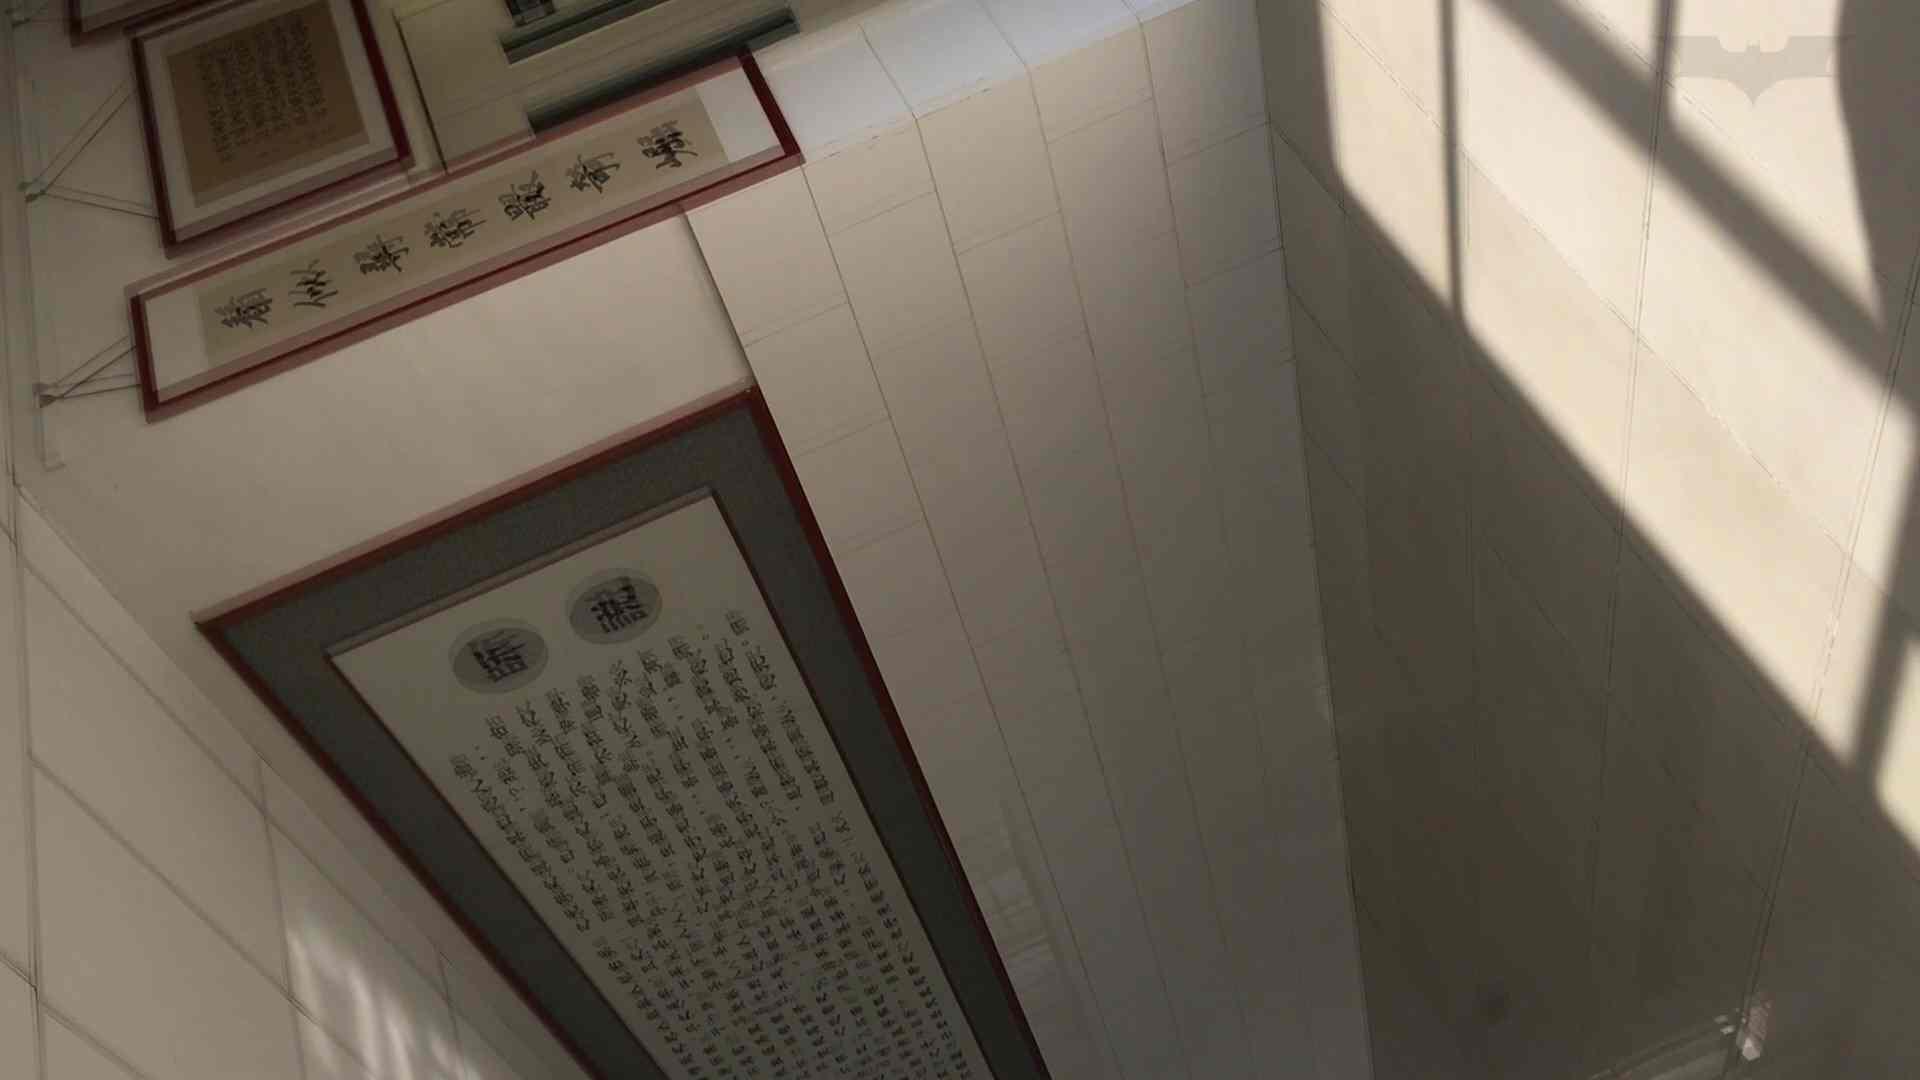 芸術大学ガチ潜入盗撮 JD盗撮 美女の洗面所の秘密 Vol.91 洗面所 ぱこり動画紹介 54連発 11